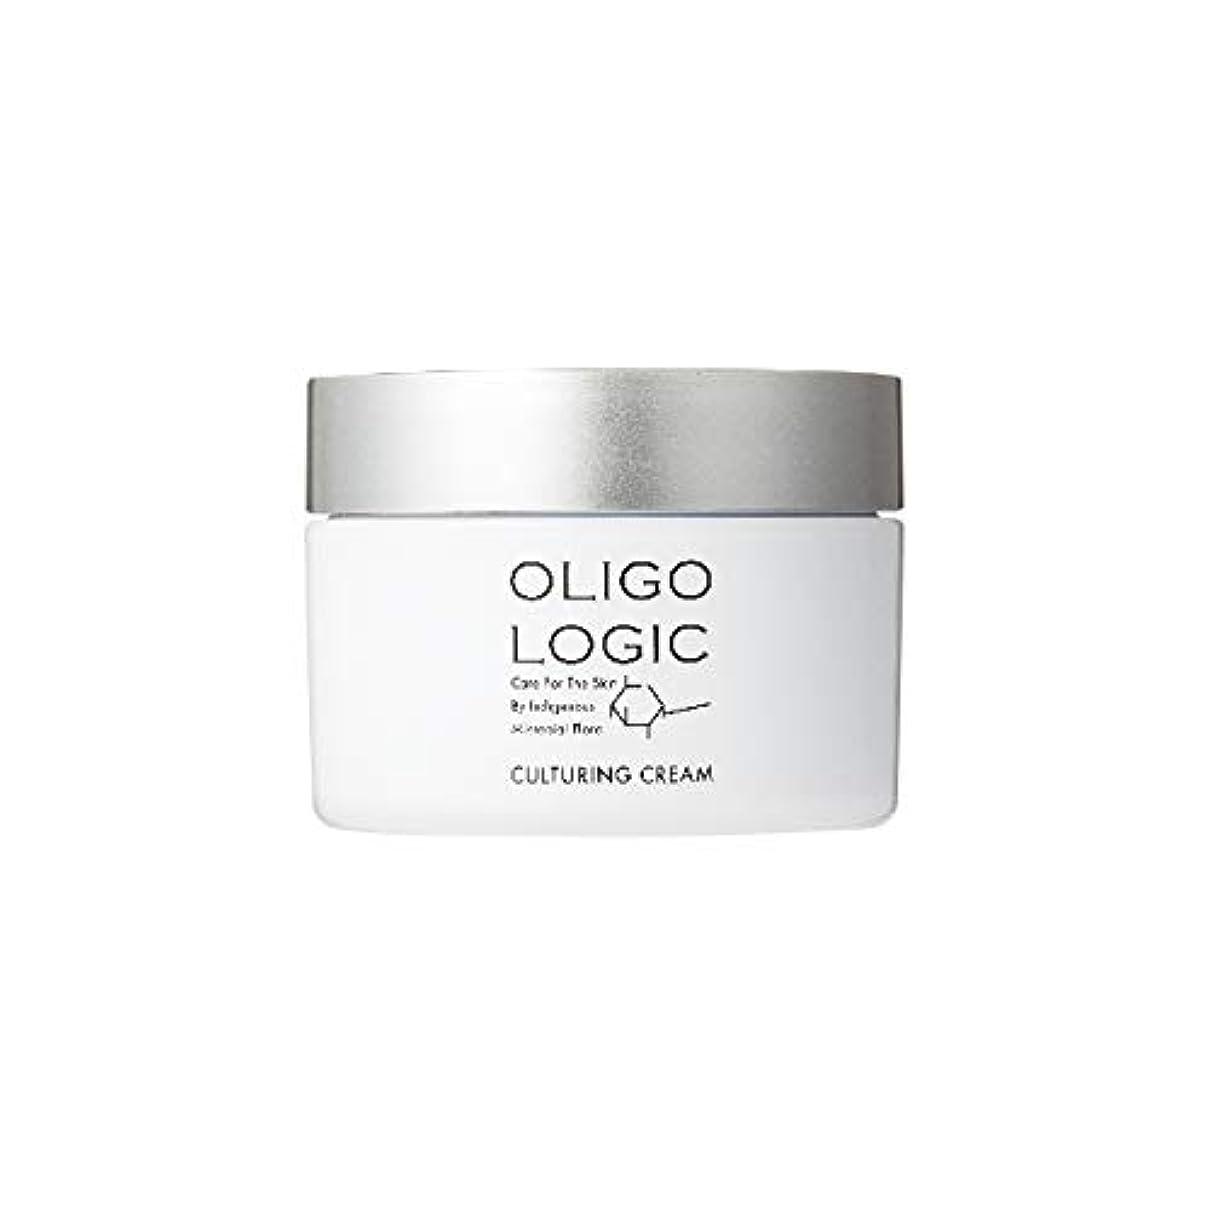 赤面複合ネストオリゴロジック (oligologic) オリゴロジック カルチャリングクリーム 80g (美容クリーム)